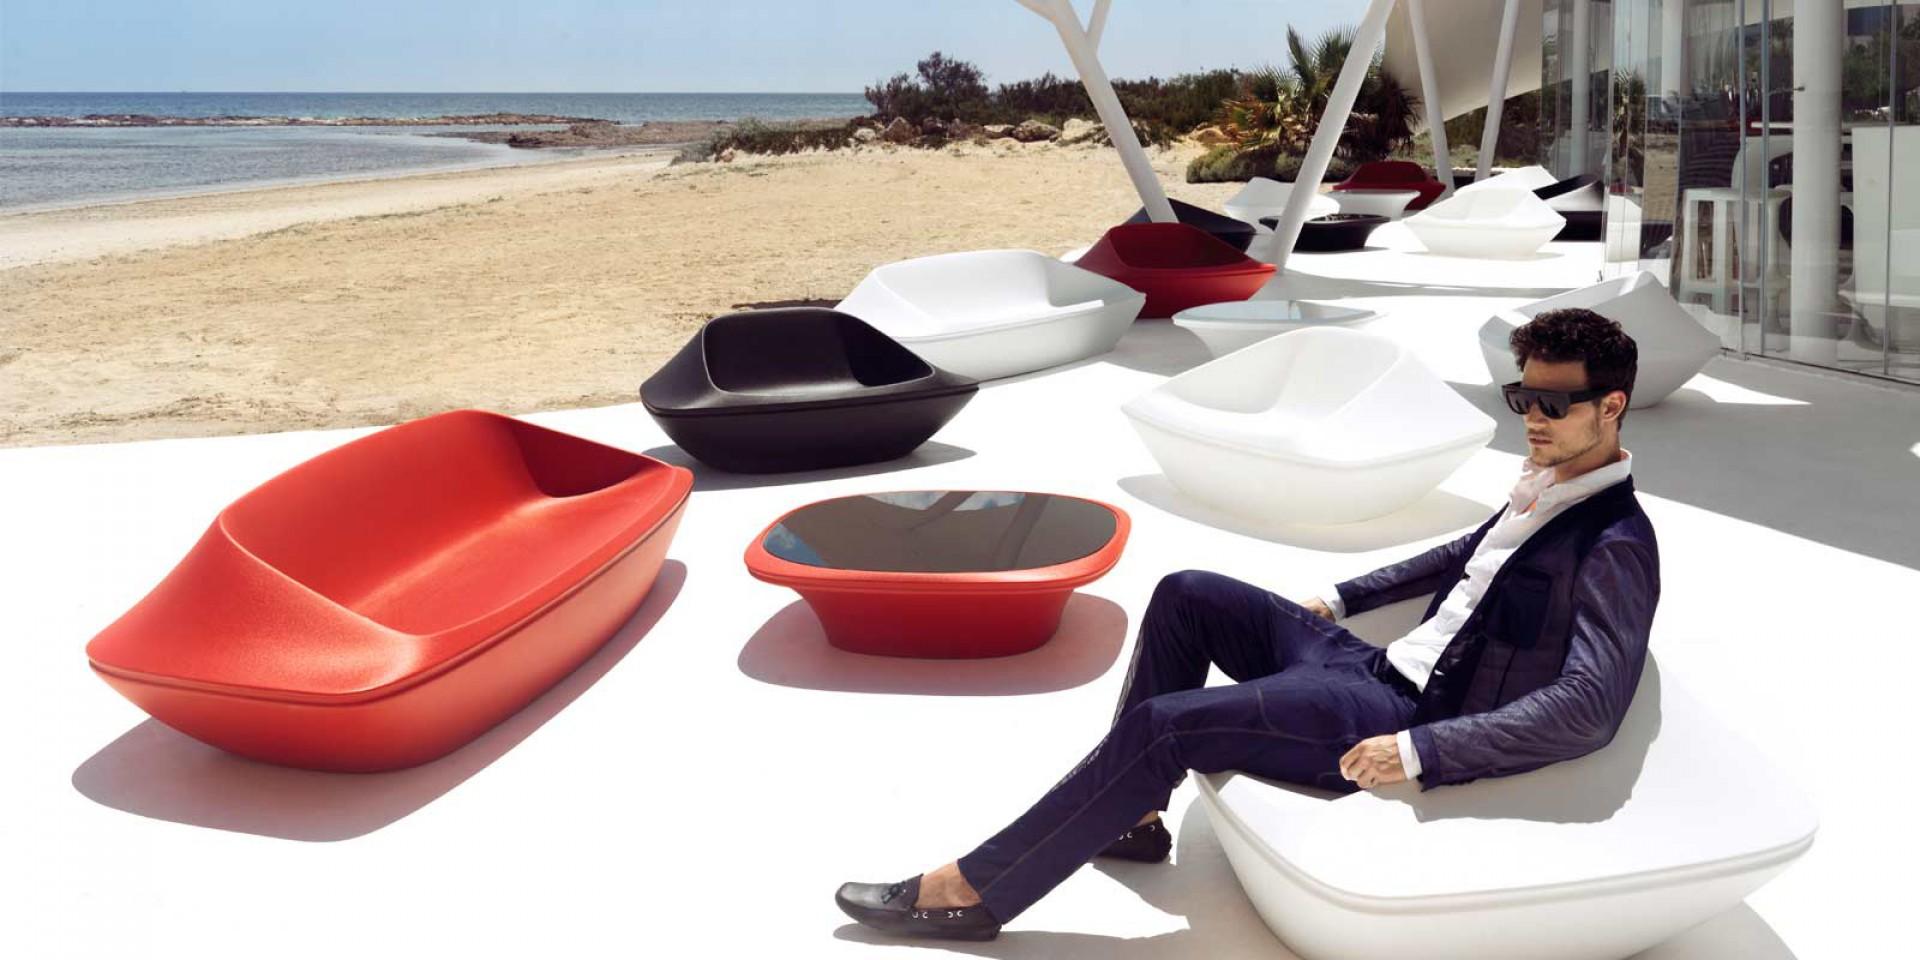 Sofa z kolekcji UFO firmy Vondom. Projekt: Ora ïto. Fot. Vondom